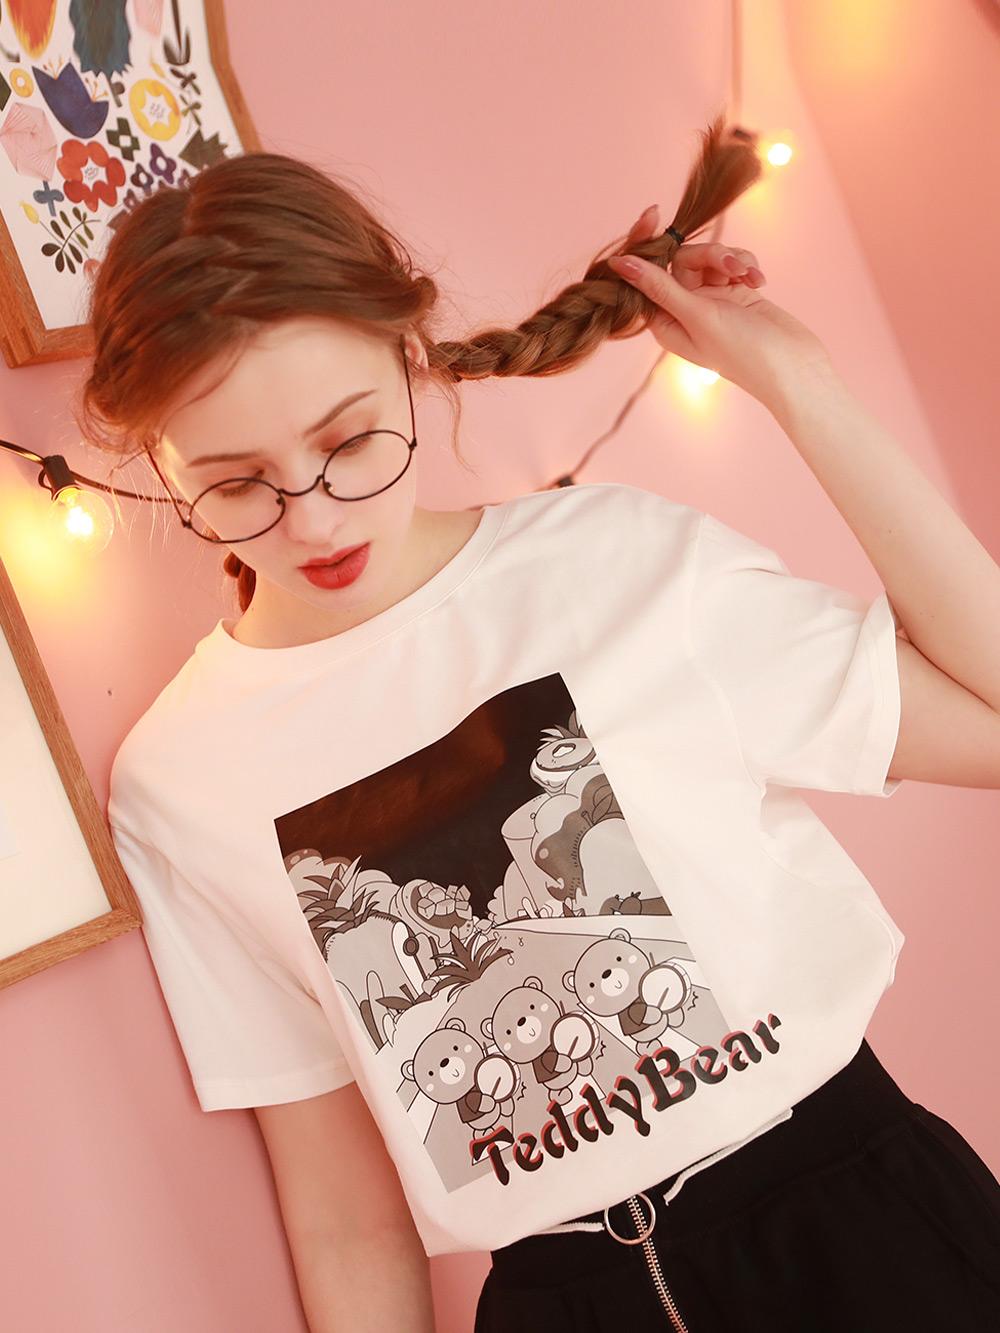 白色短袖t恤女2021年新款网红炸街半袖上衣小众设计洋气体桖